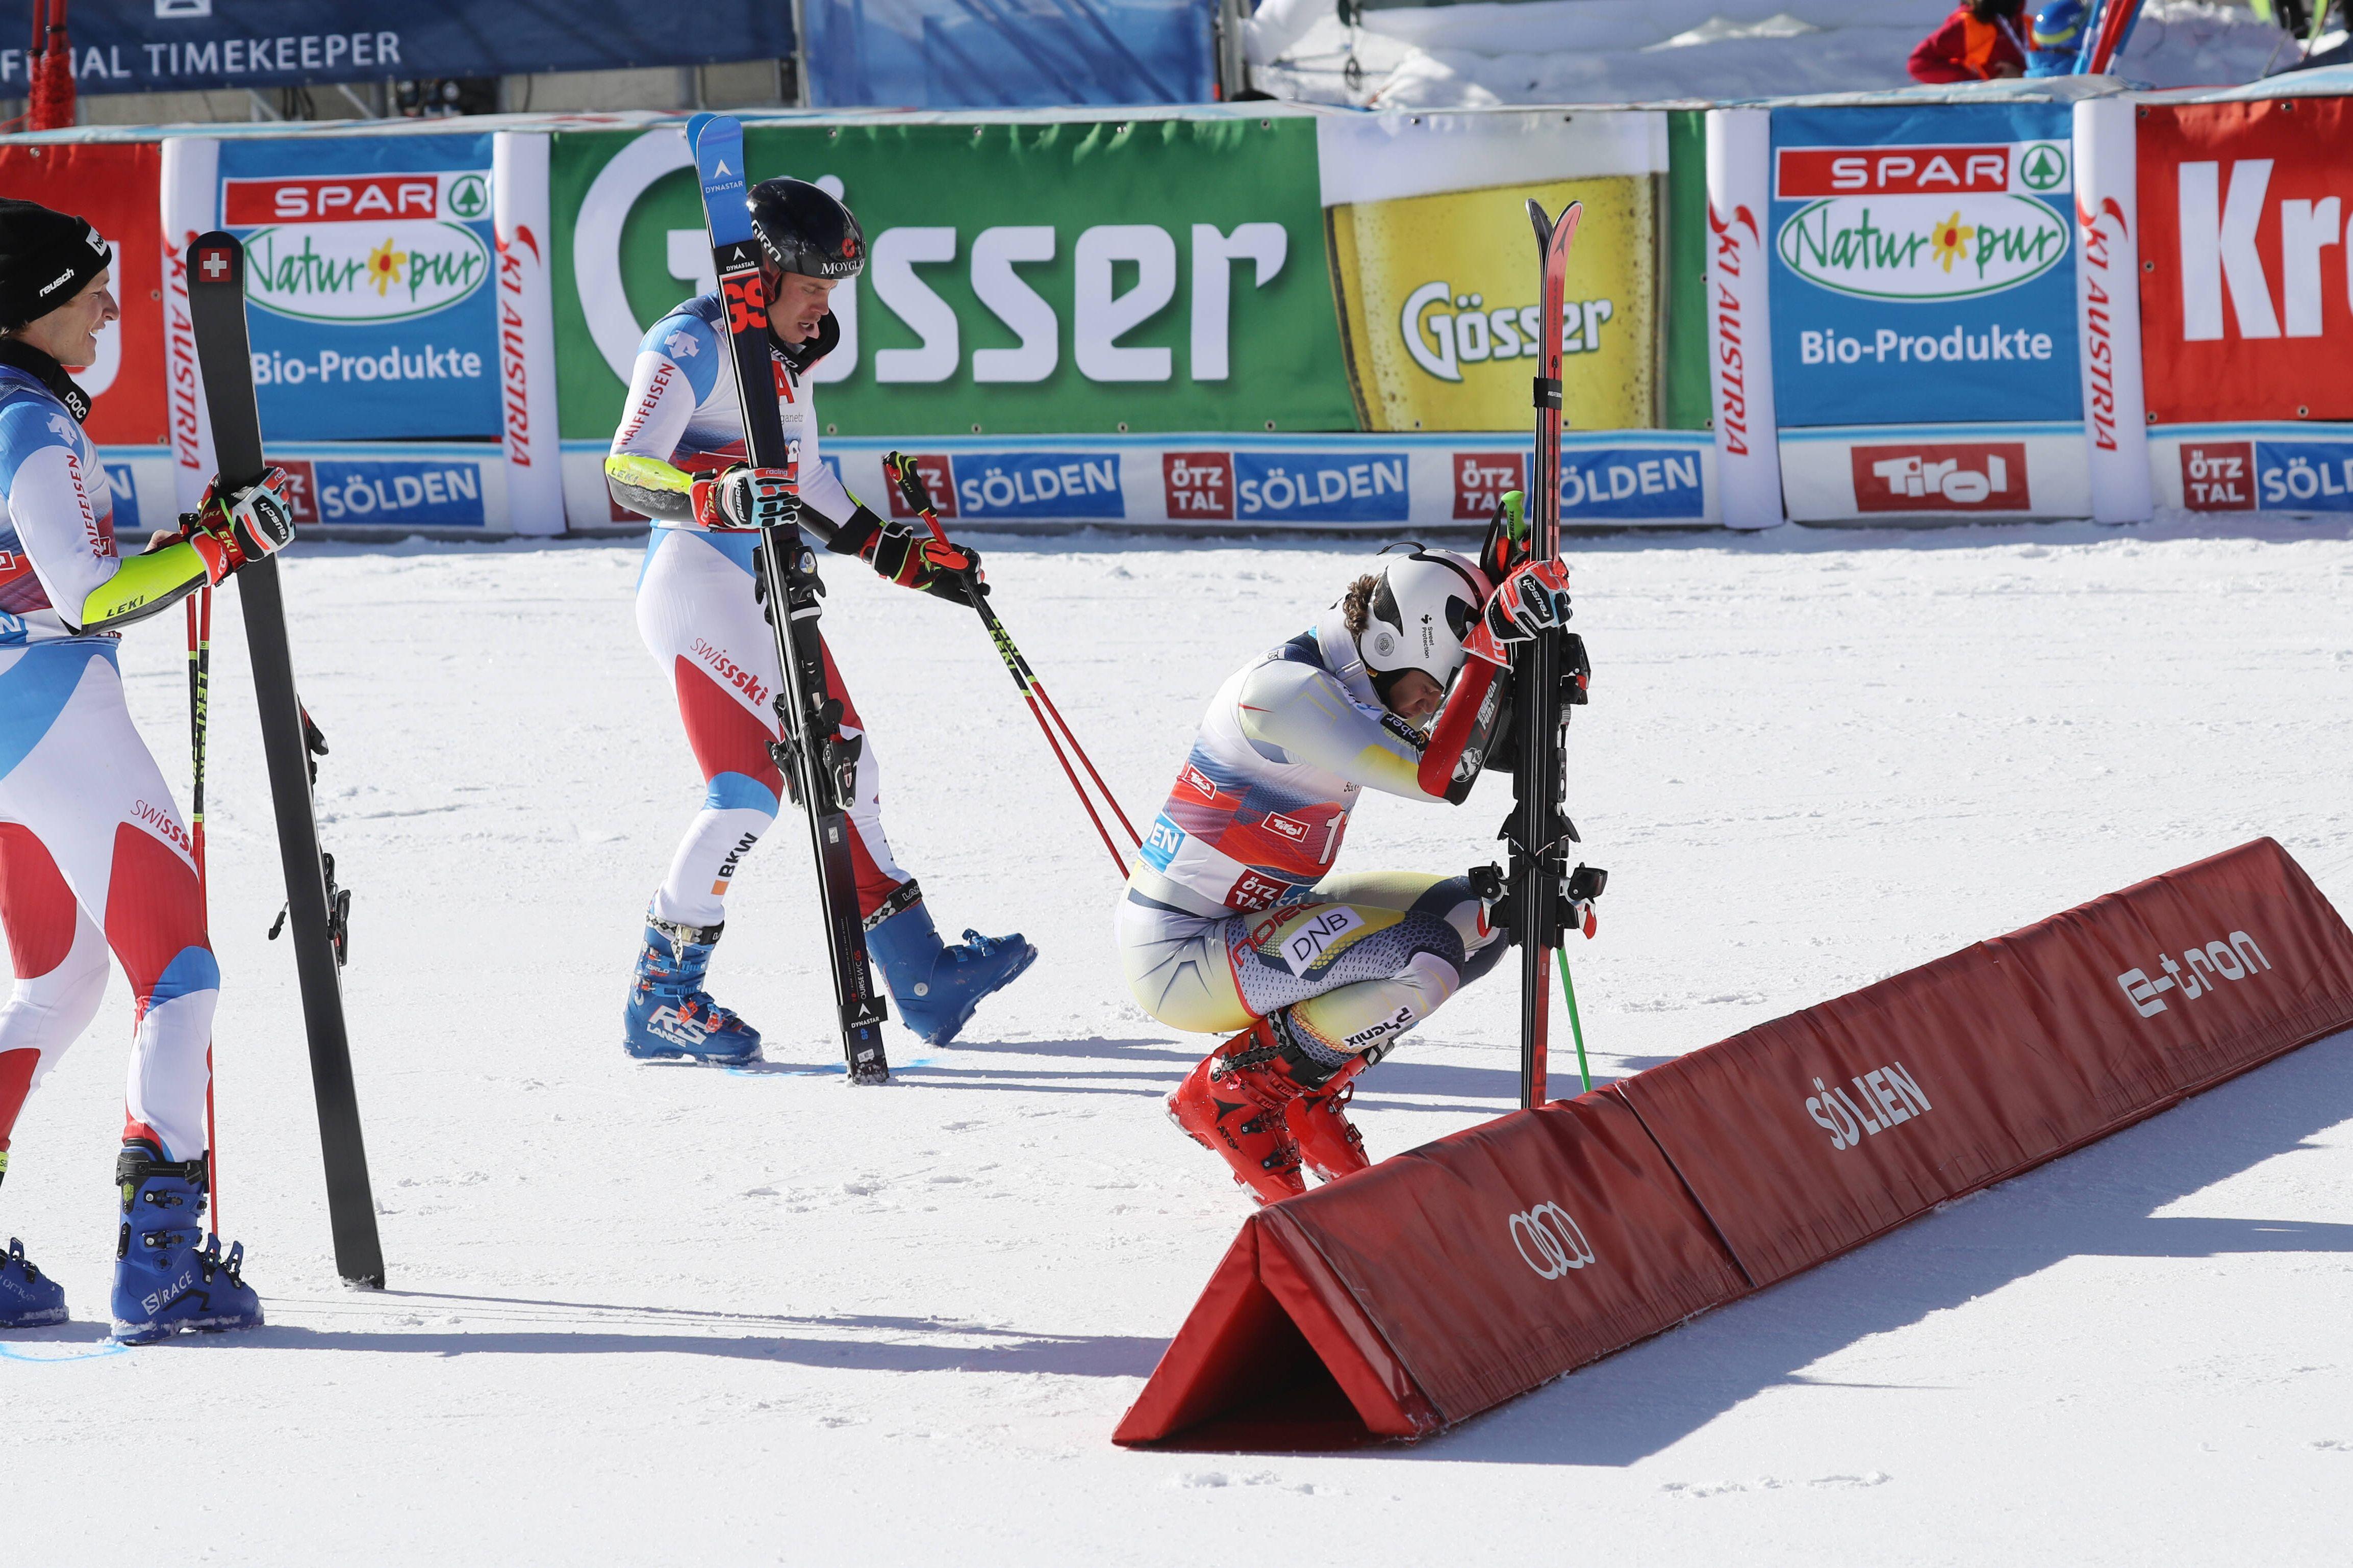 Третий этап Кубка мира 2020/2021 по лыжным гонкам в Давосе состоится, но пройдёт без зрителей